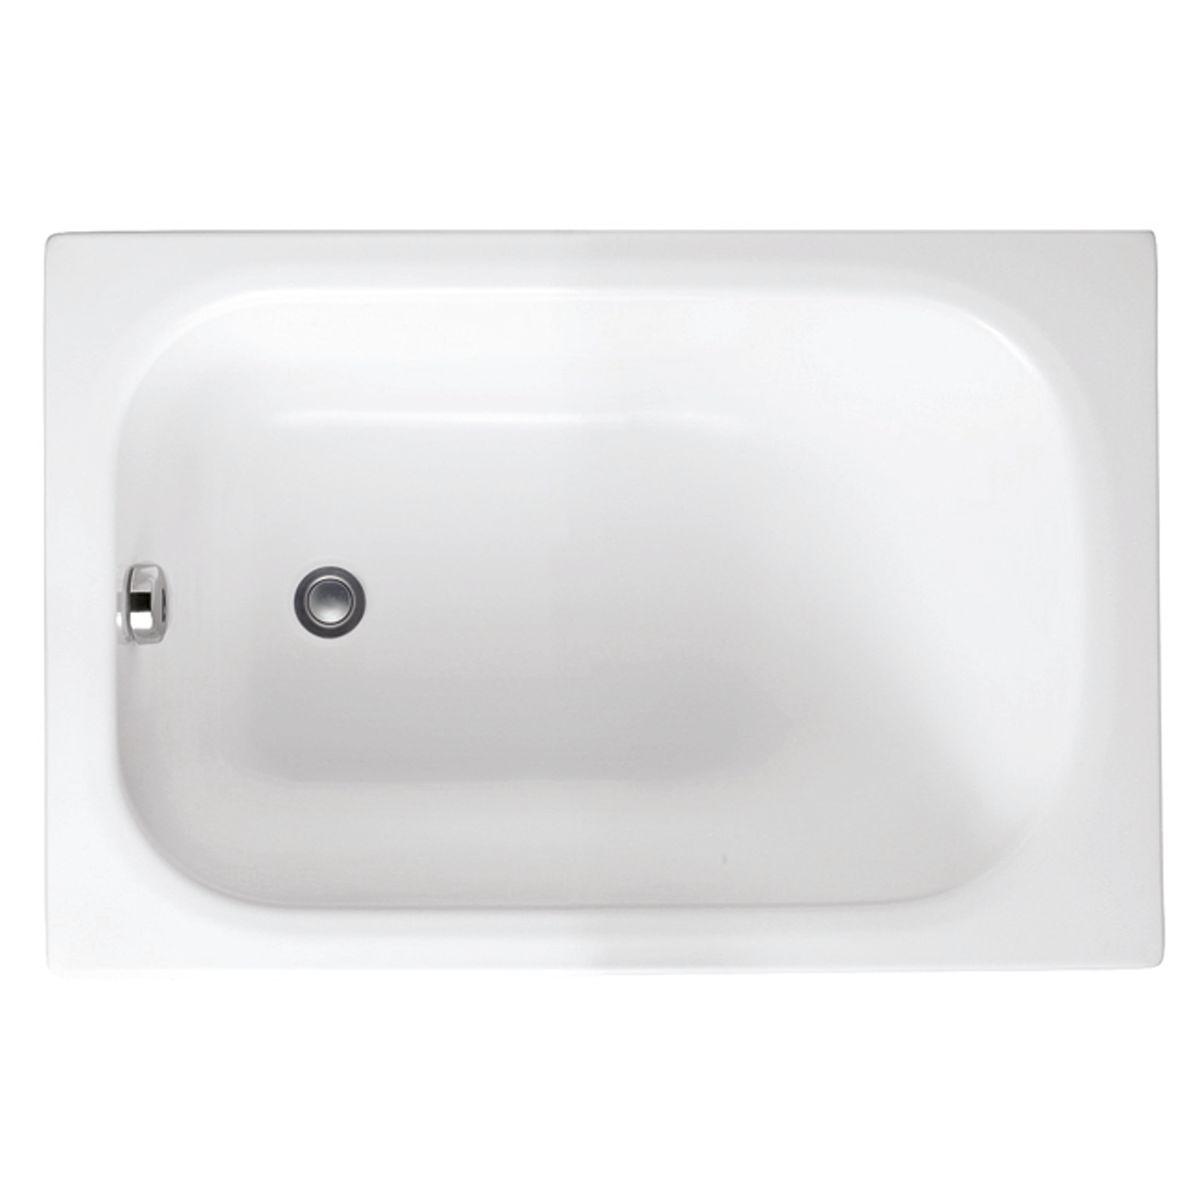 Vasca Mini 105 x 70 cm: prezzi e offerte online